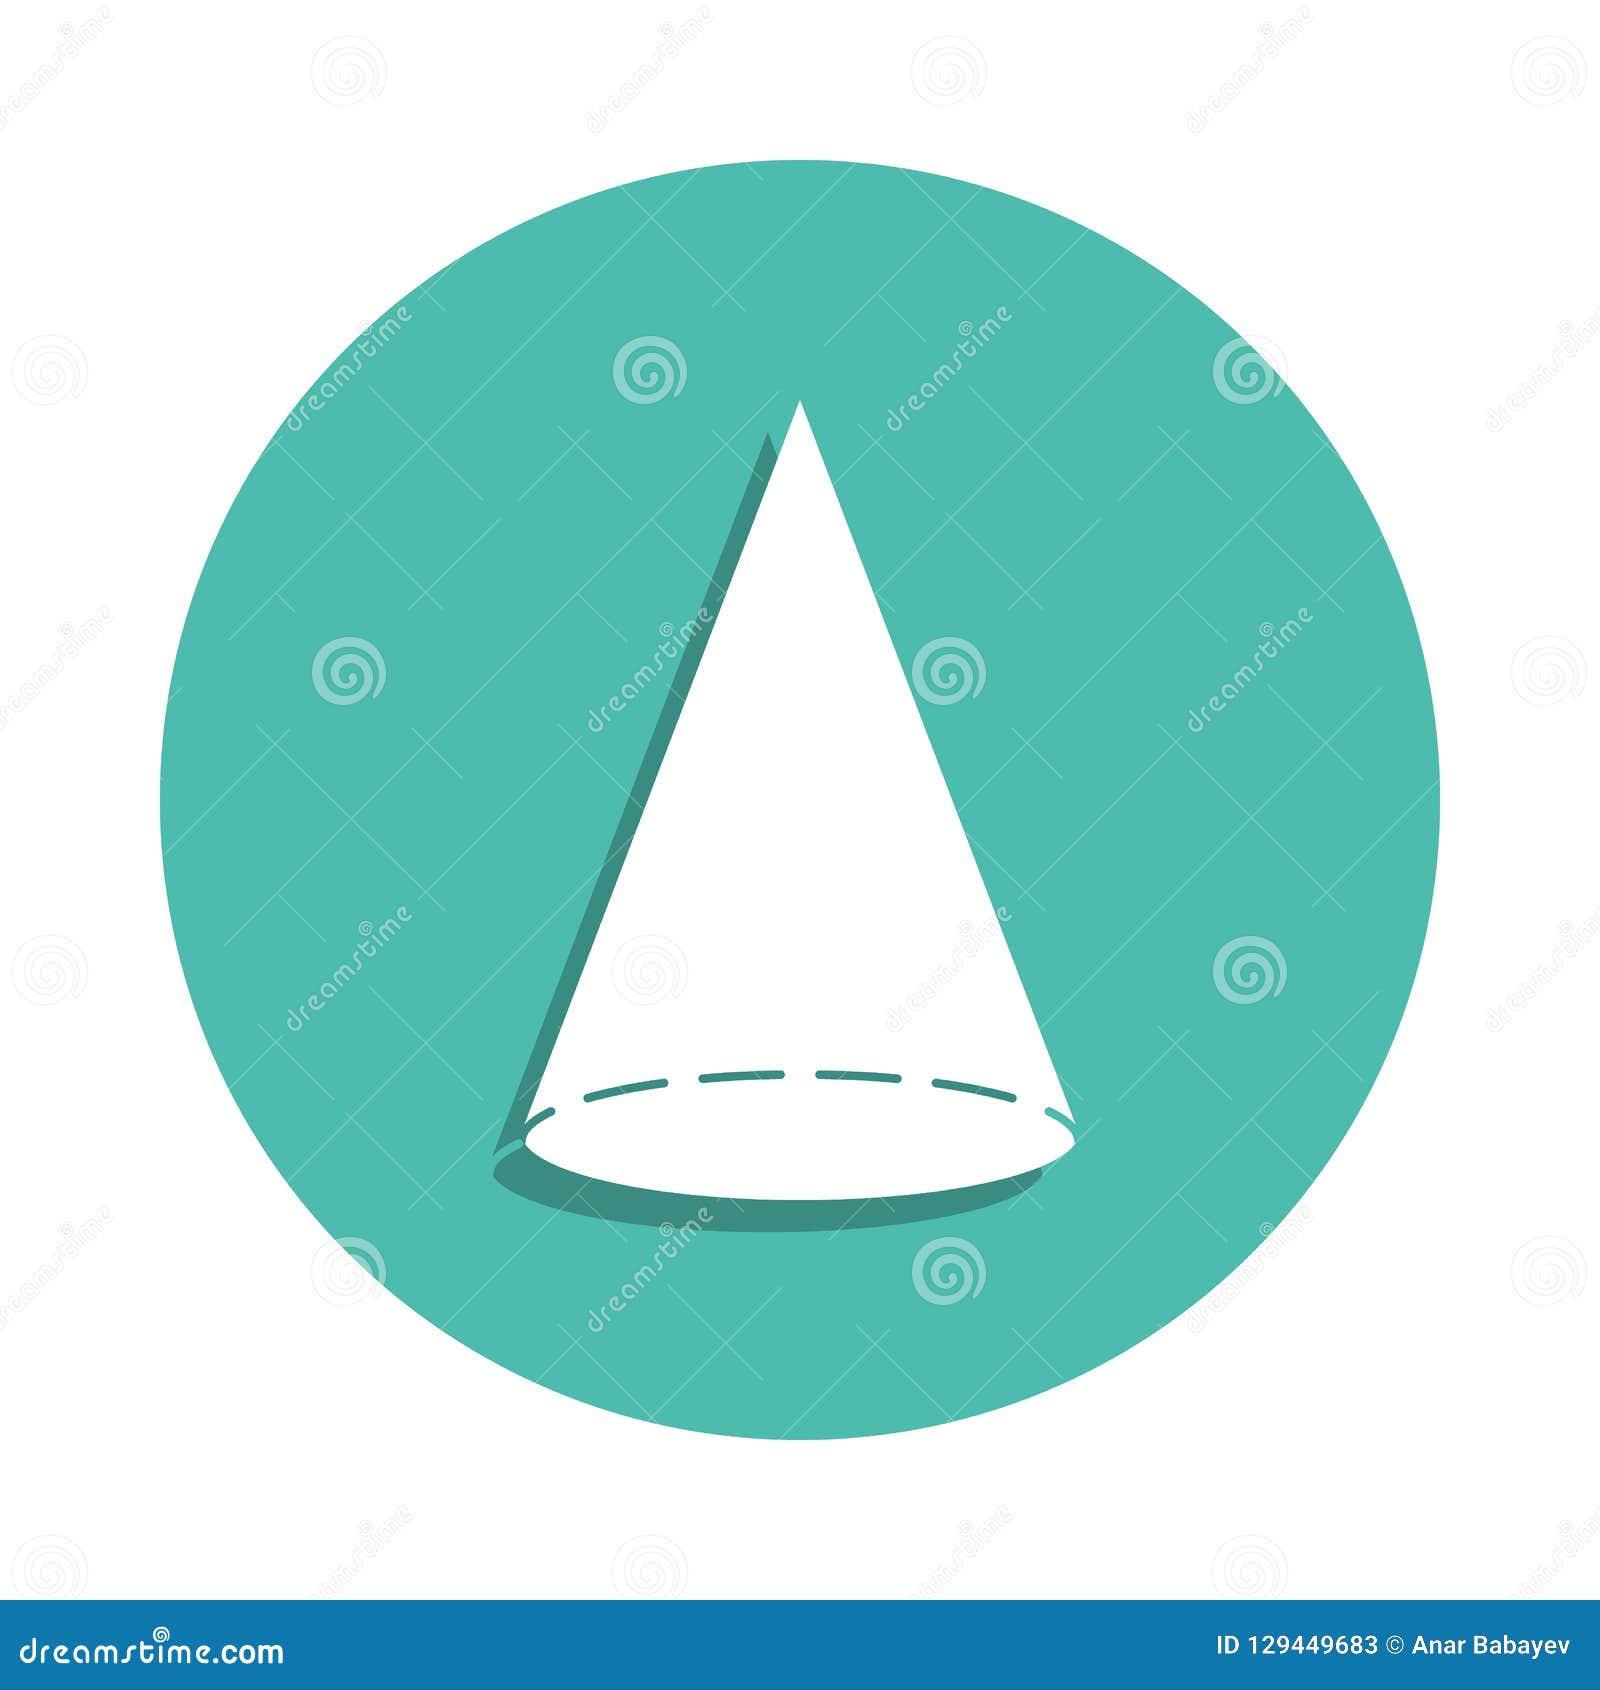 Icono del cono Elementos de la figura geométrica en iconos del estilo de la insignia Icono simple para las páginas web, diseño we